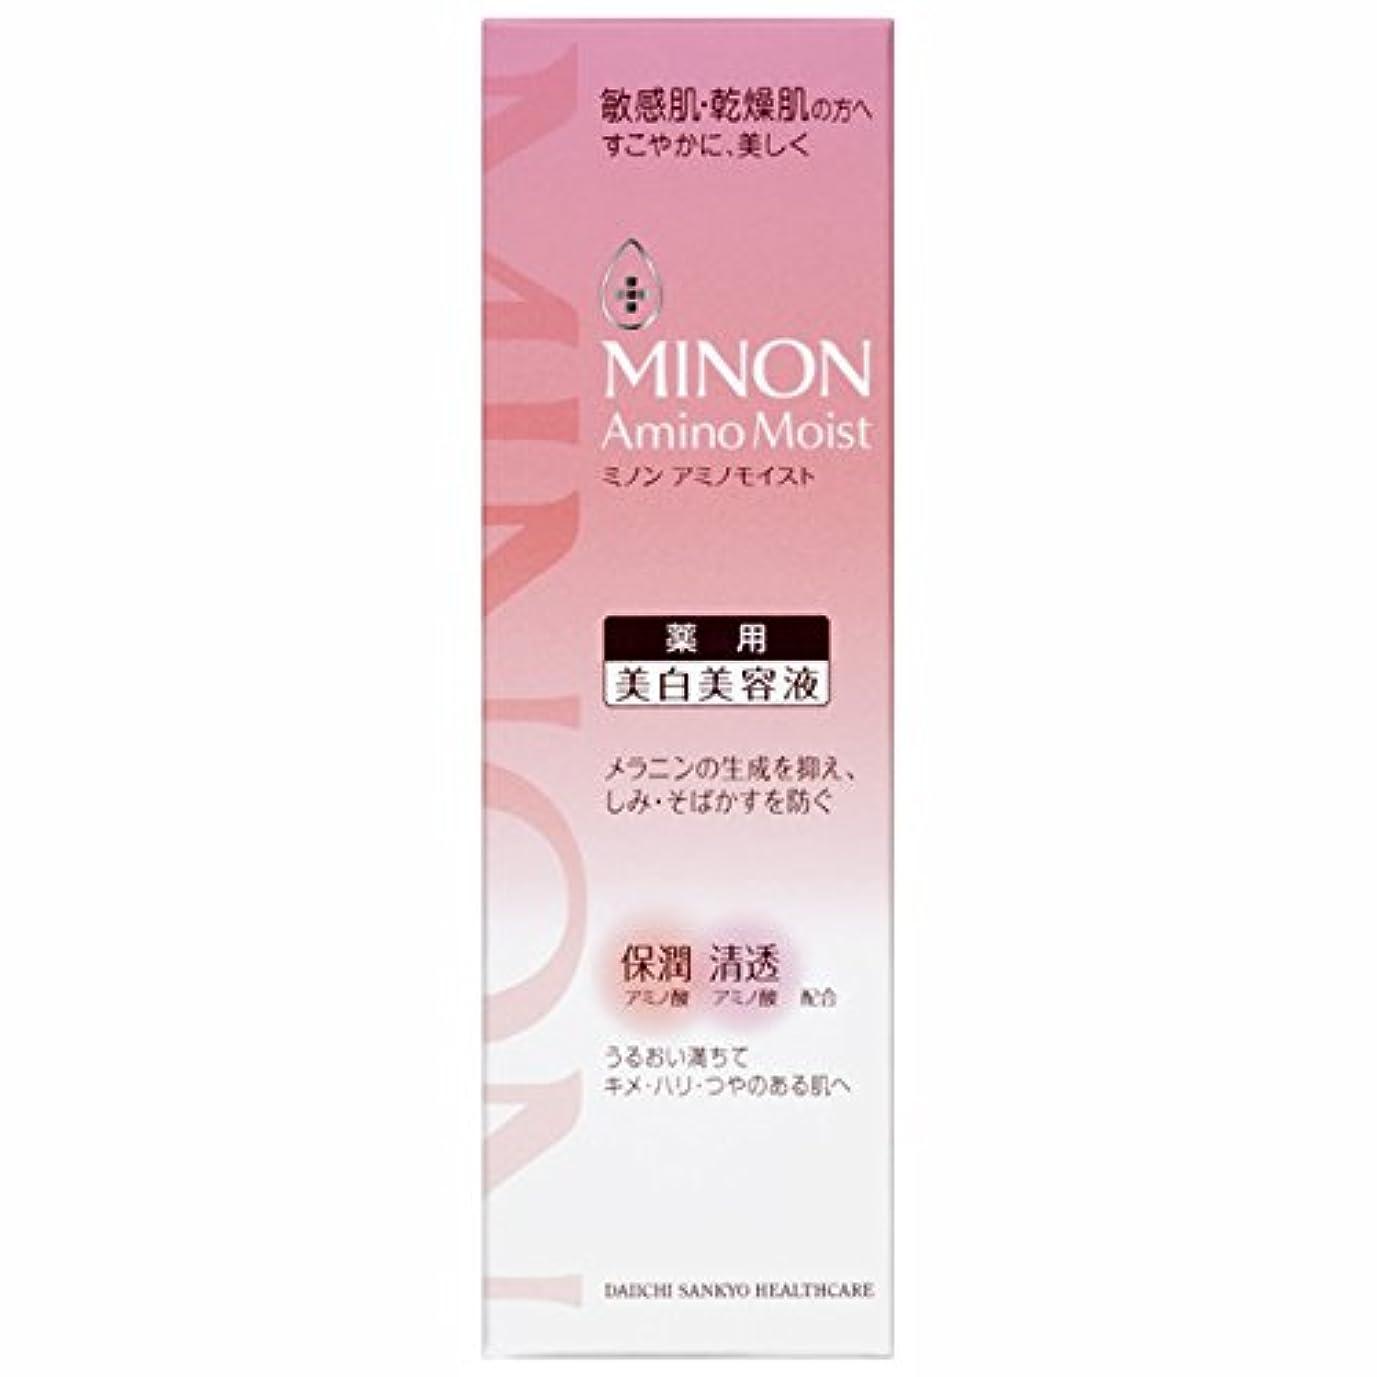 確認ナイトスポットマングルミノン アミノモイスト 薬用マイルド ホワイトニング 30g (医薬部外品)